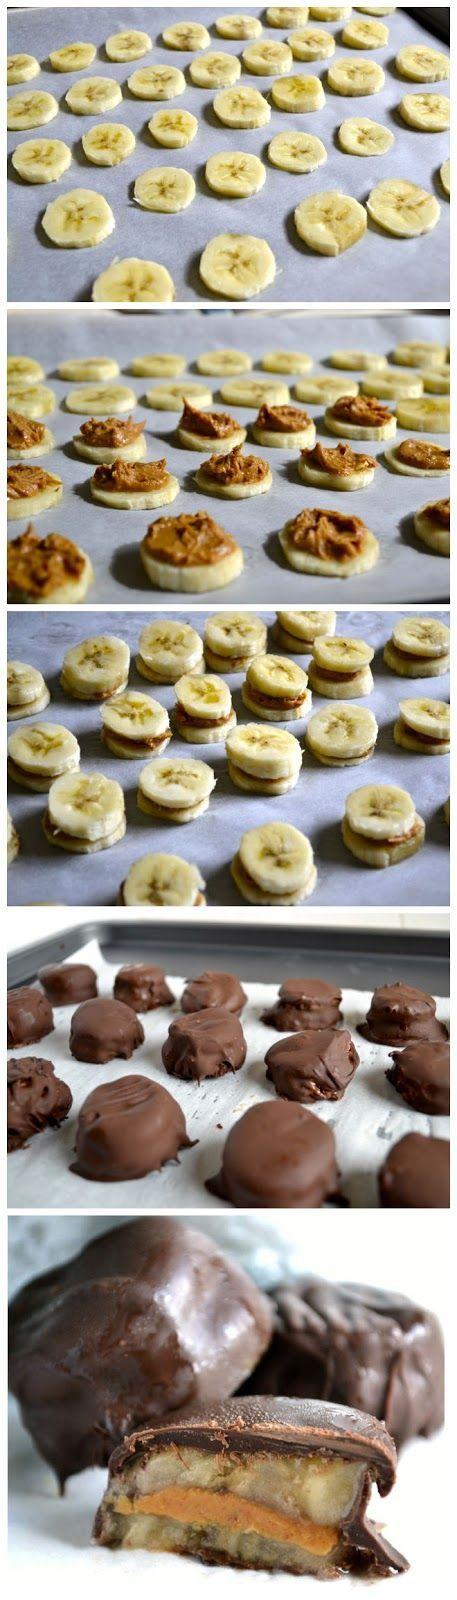 Mini sandwichs de rodajas de plátano con crema de maní cubiertas con delicioso chocolate.